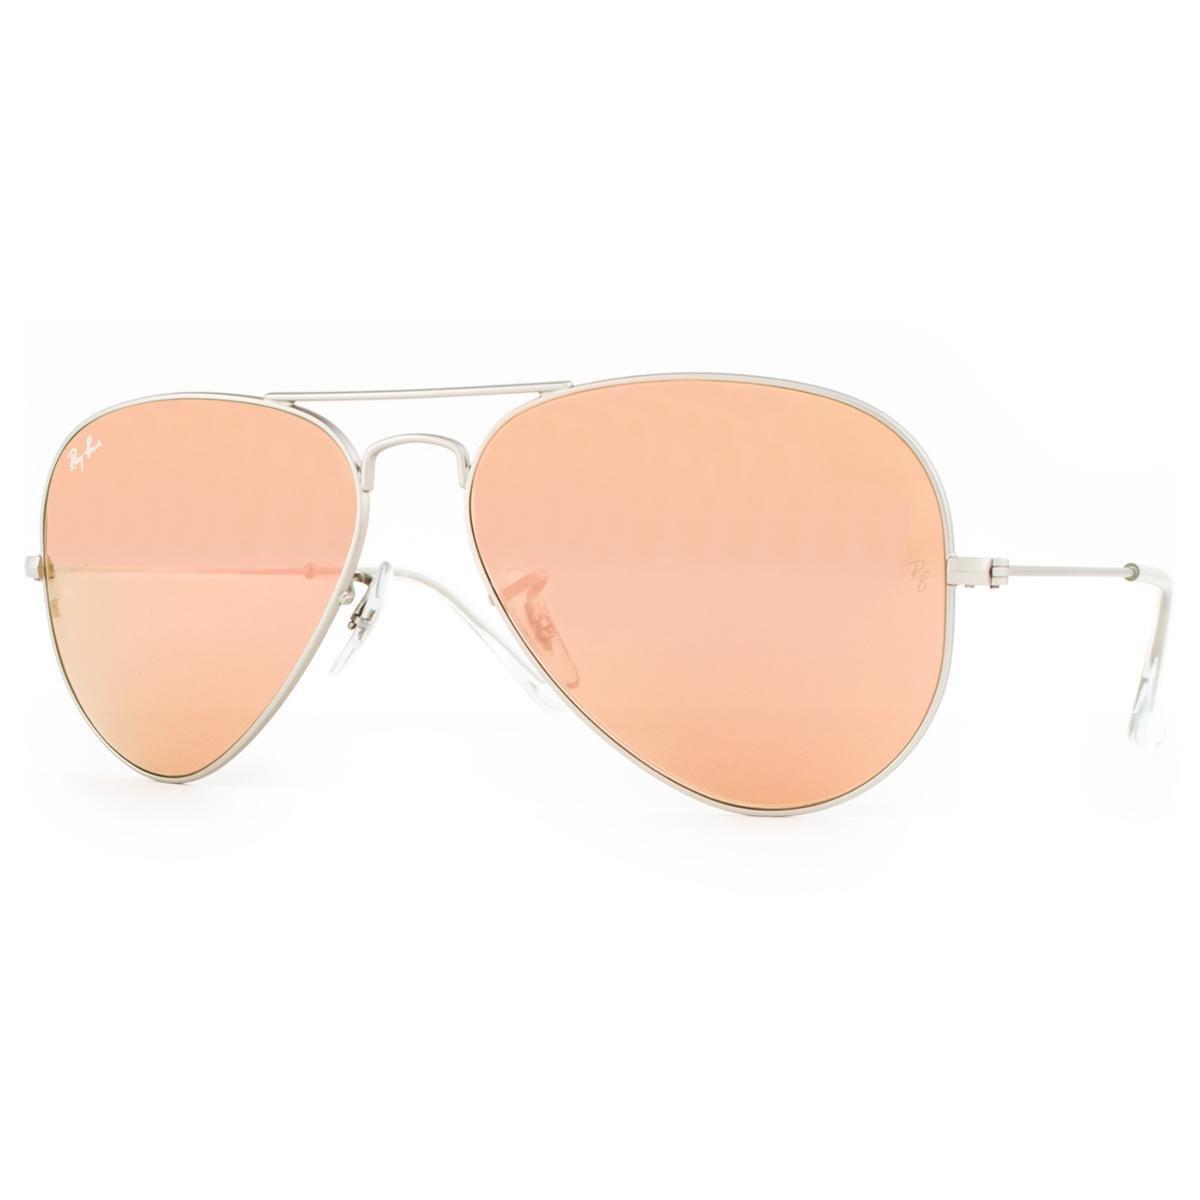 Óculos de Sol Ray Ban Aviator RB3025L 019 Z2-58 Feminino - Compre ... e8161b0a02